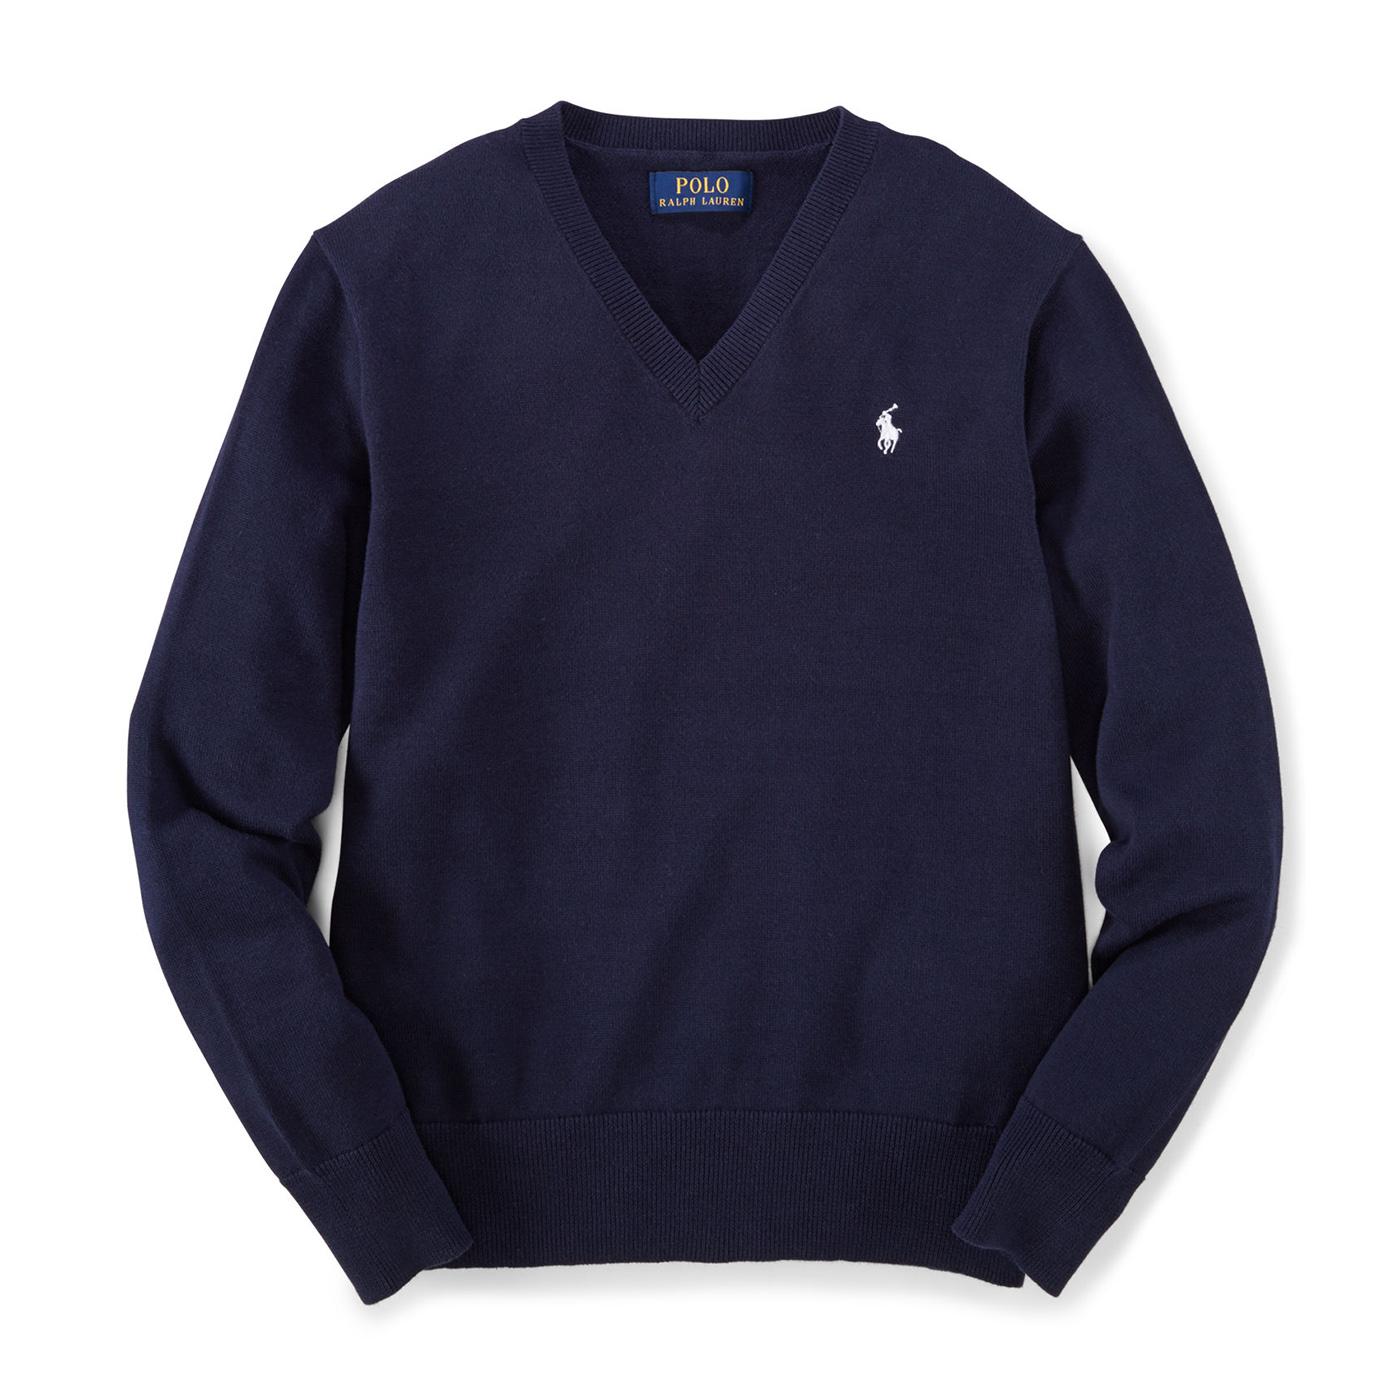 美國百分百  臺灣樂天市場:美國百分百【Ralph Lauren】針織衫 RL 線衫 長袖 Polo 小馬 V領 素面 男 深藍 XS號 G300